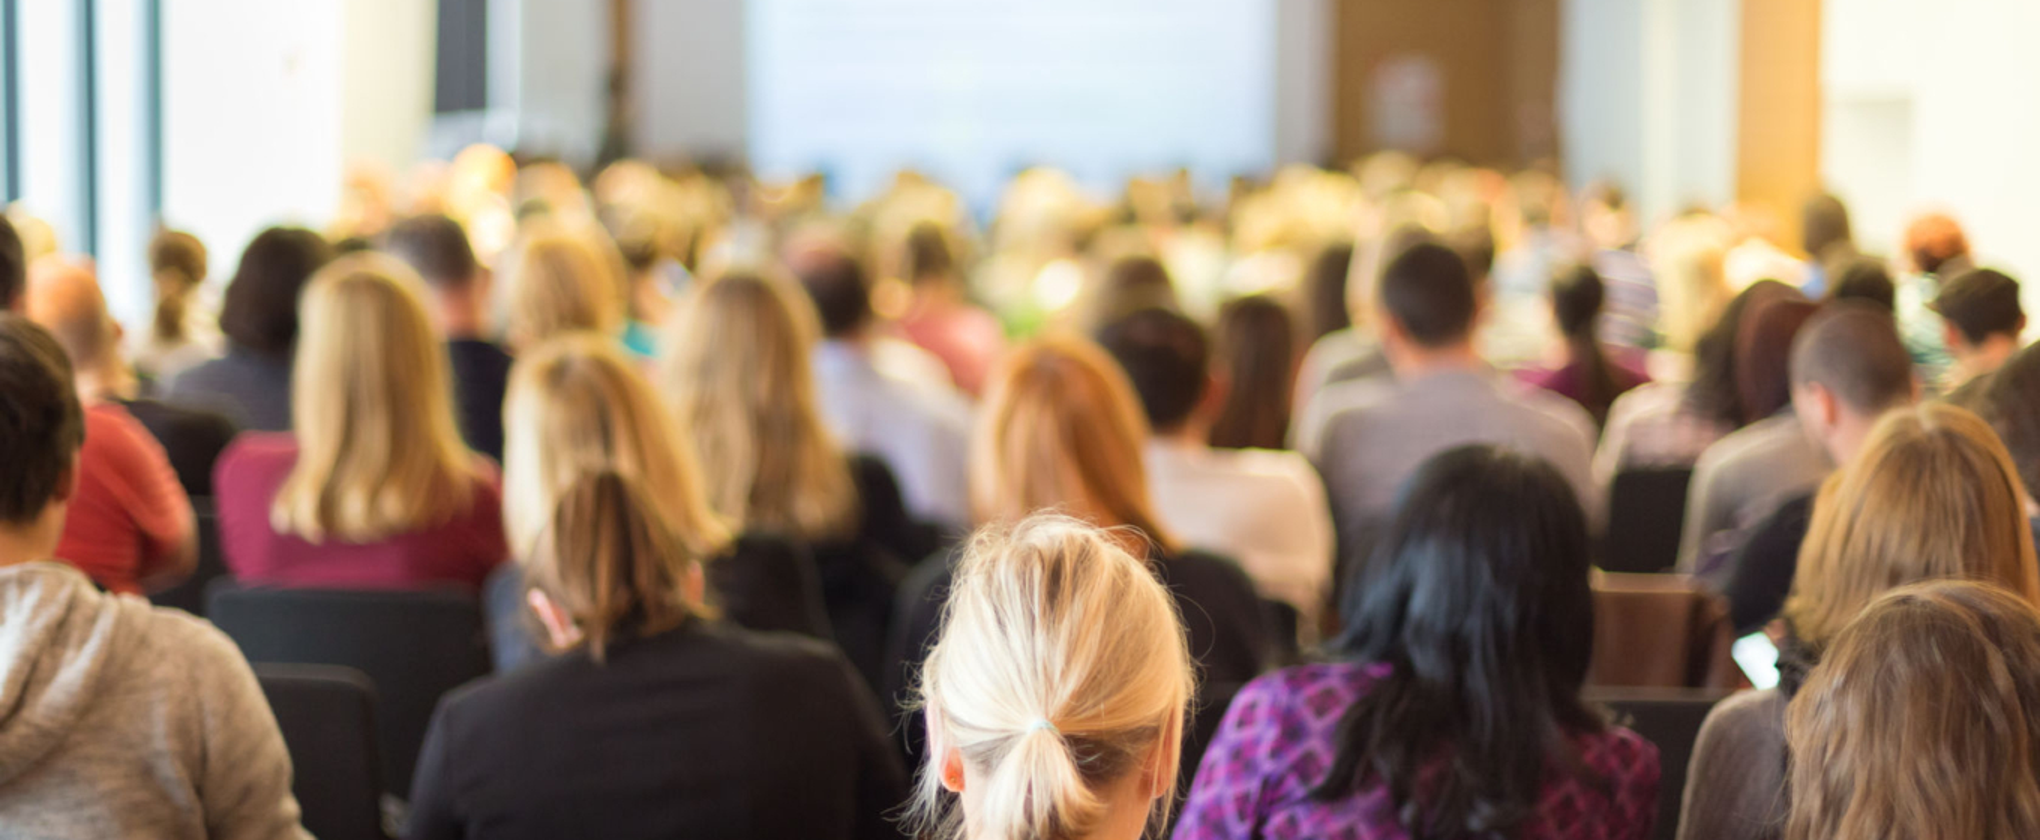 Festival Supports Female Entrepreneurship